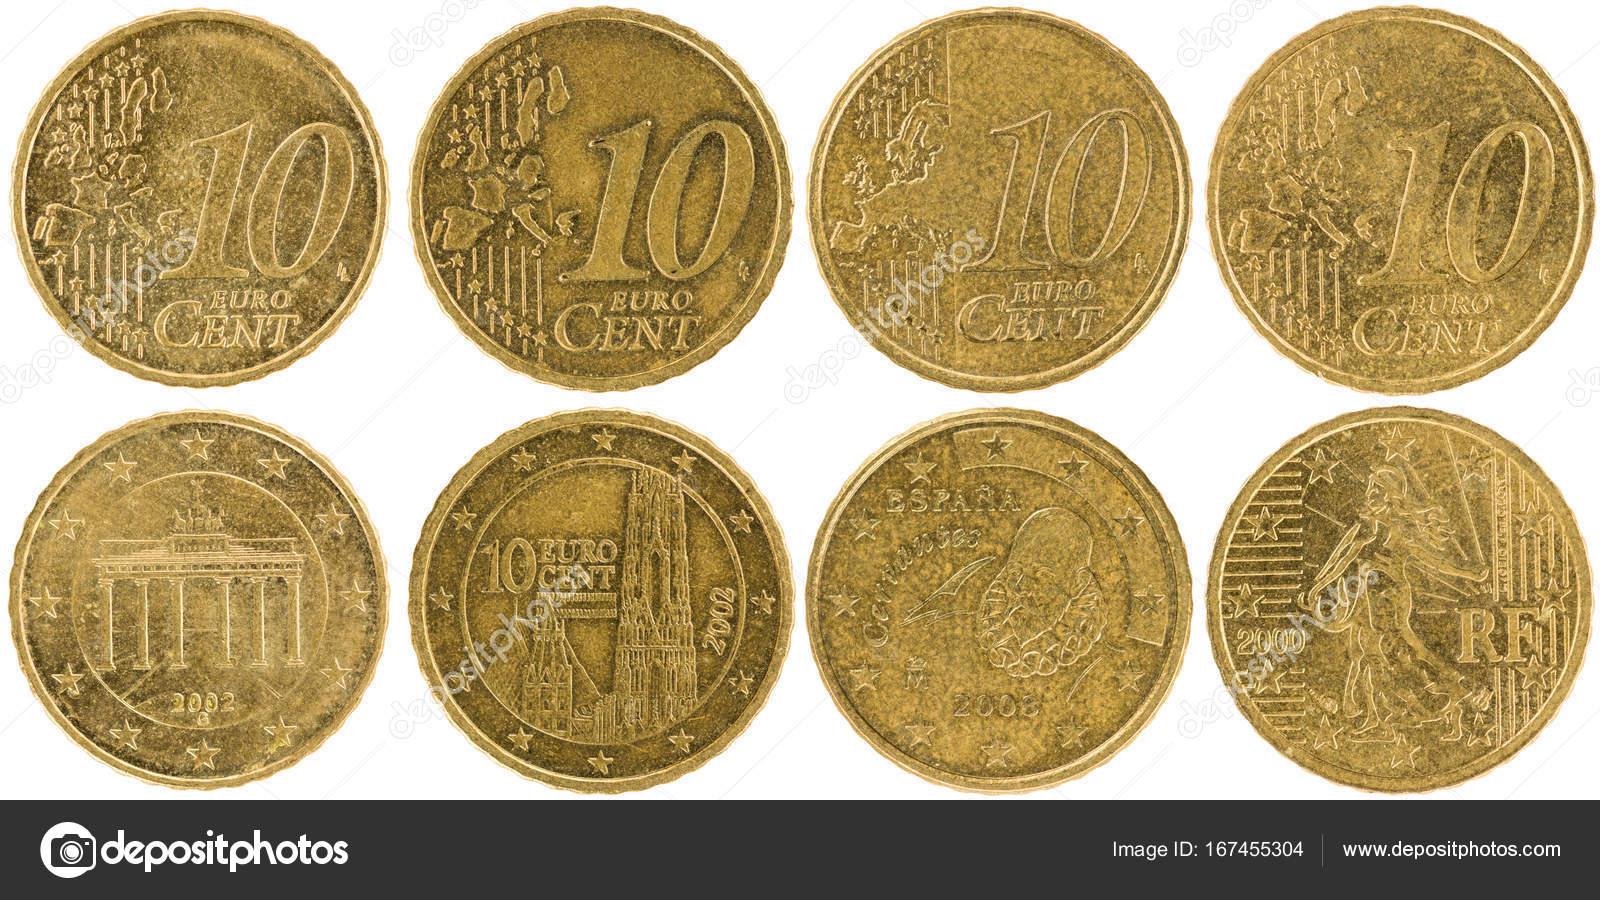 Einige Verwendet Europäische 10 Cent Münzen Stockfoto